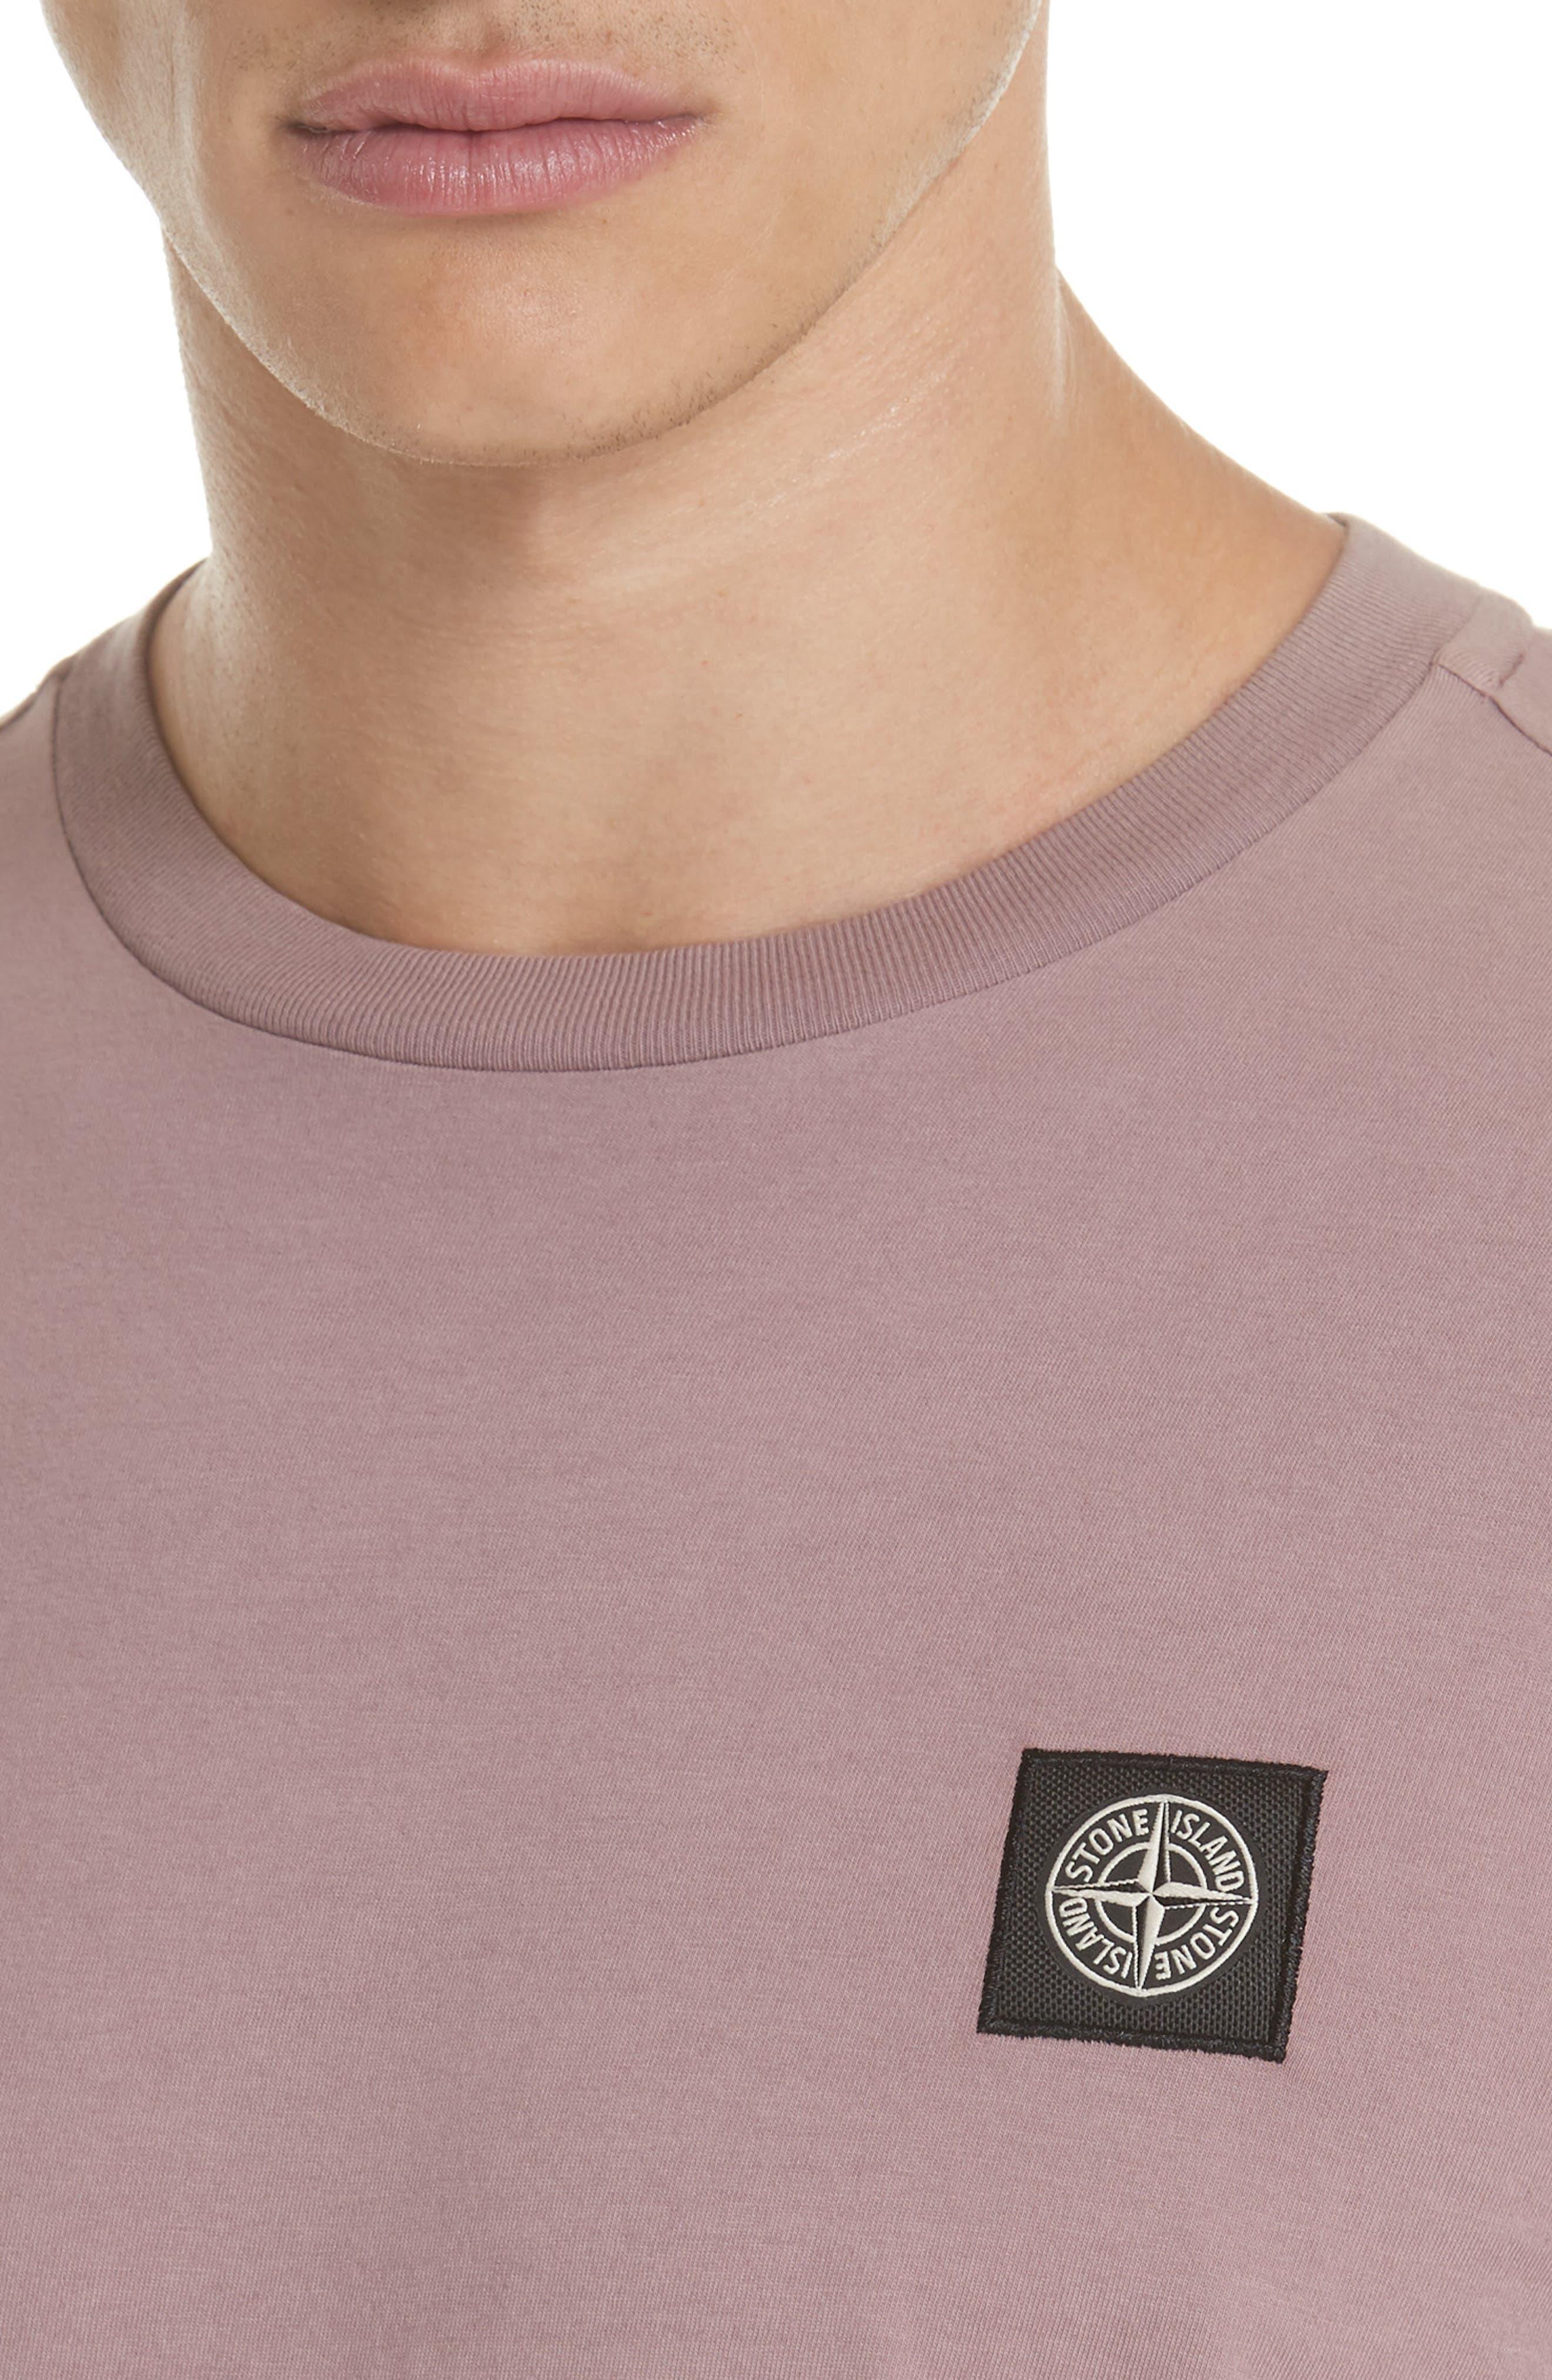 Long Sleeve T-Shirt,                             Alternate thumbnail 4, color,                             ROSE QUARTZ